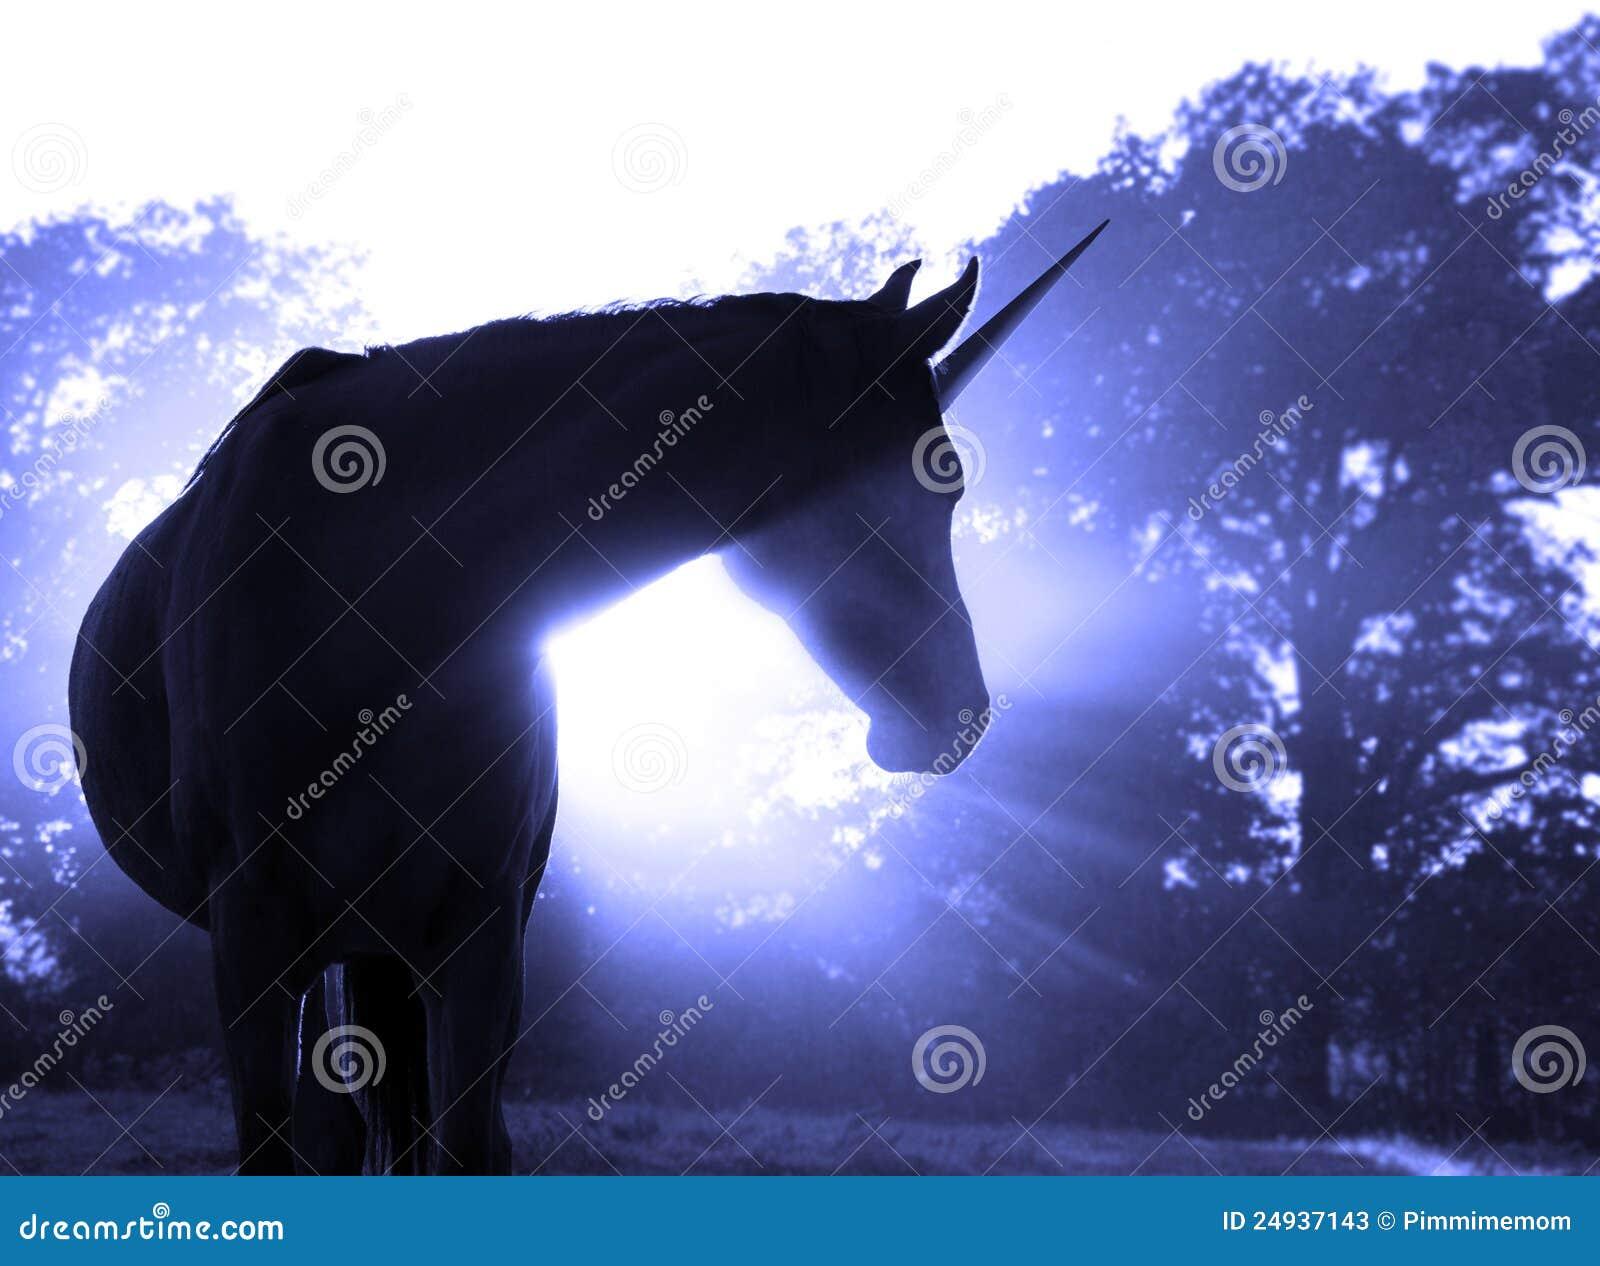 Imagen de un unicornio mágico contra salida del sol nebulosa